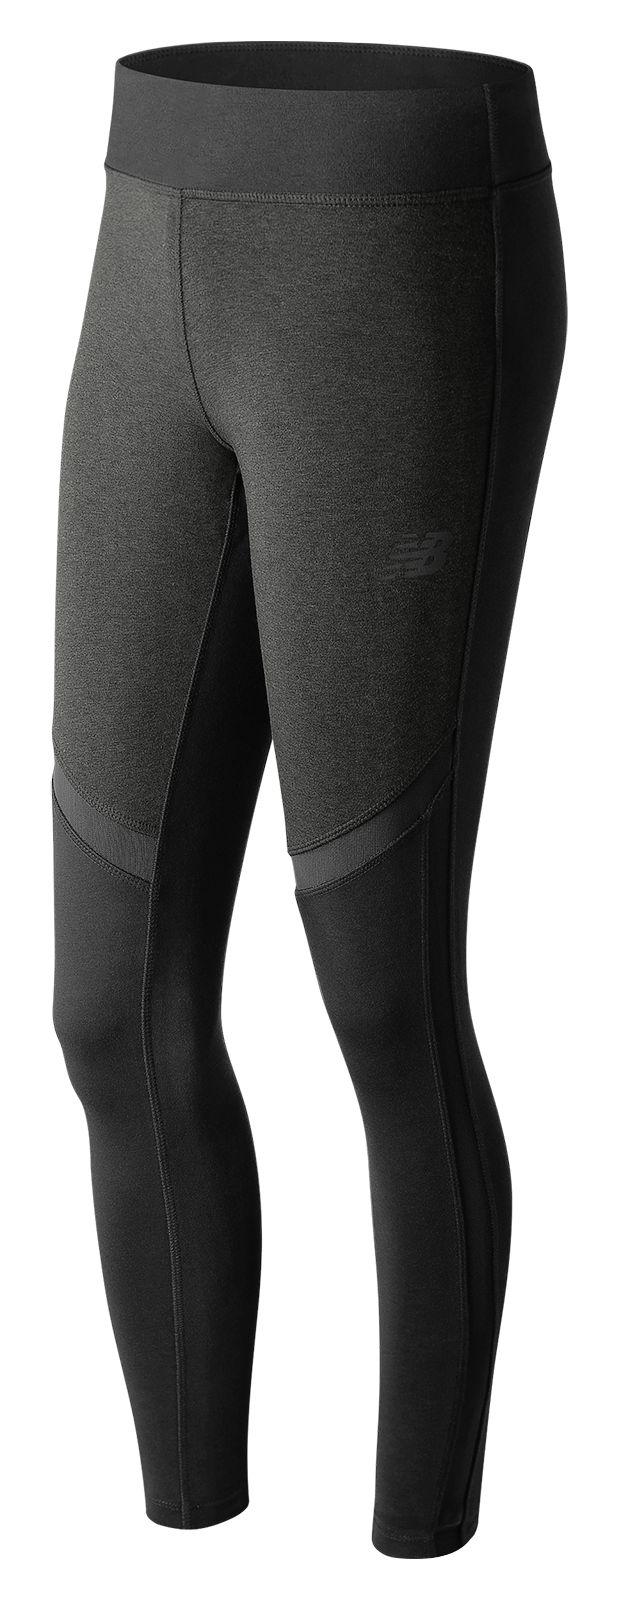 NB 247 Sport Legging, Black